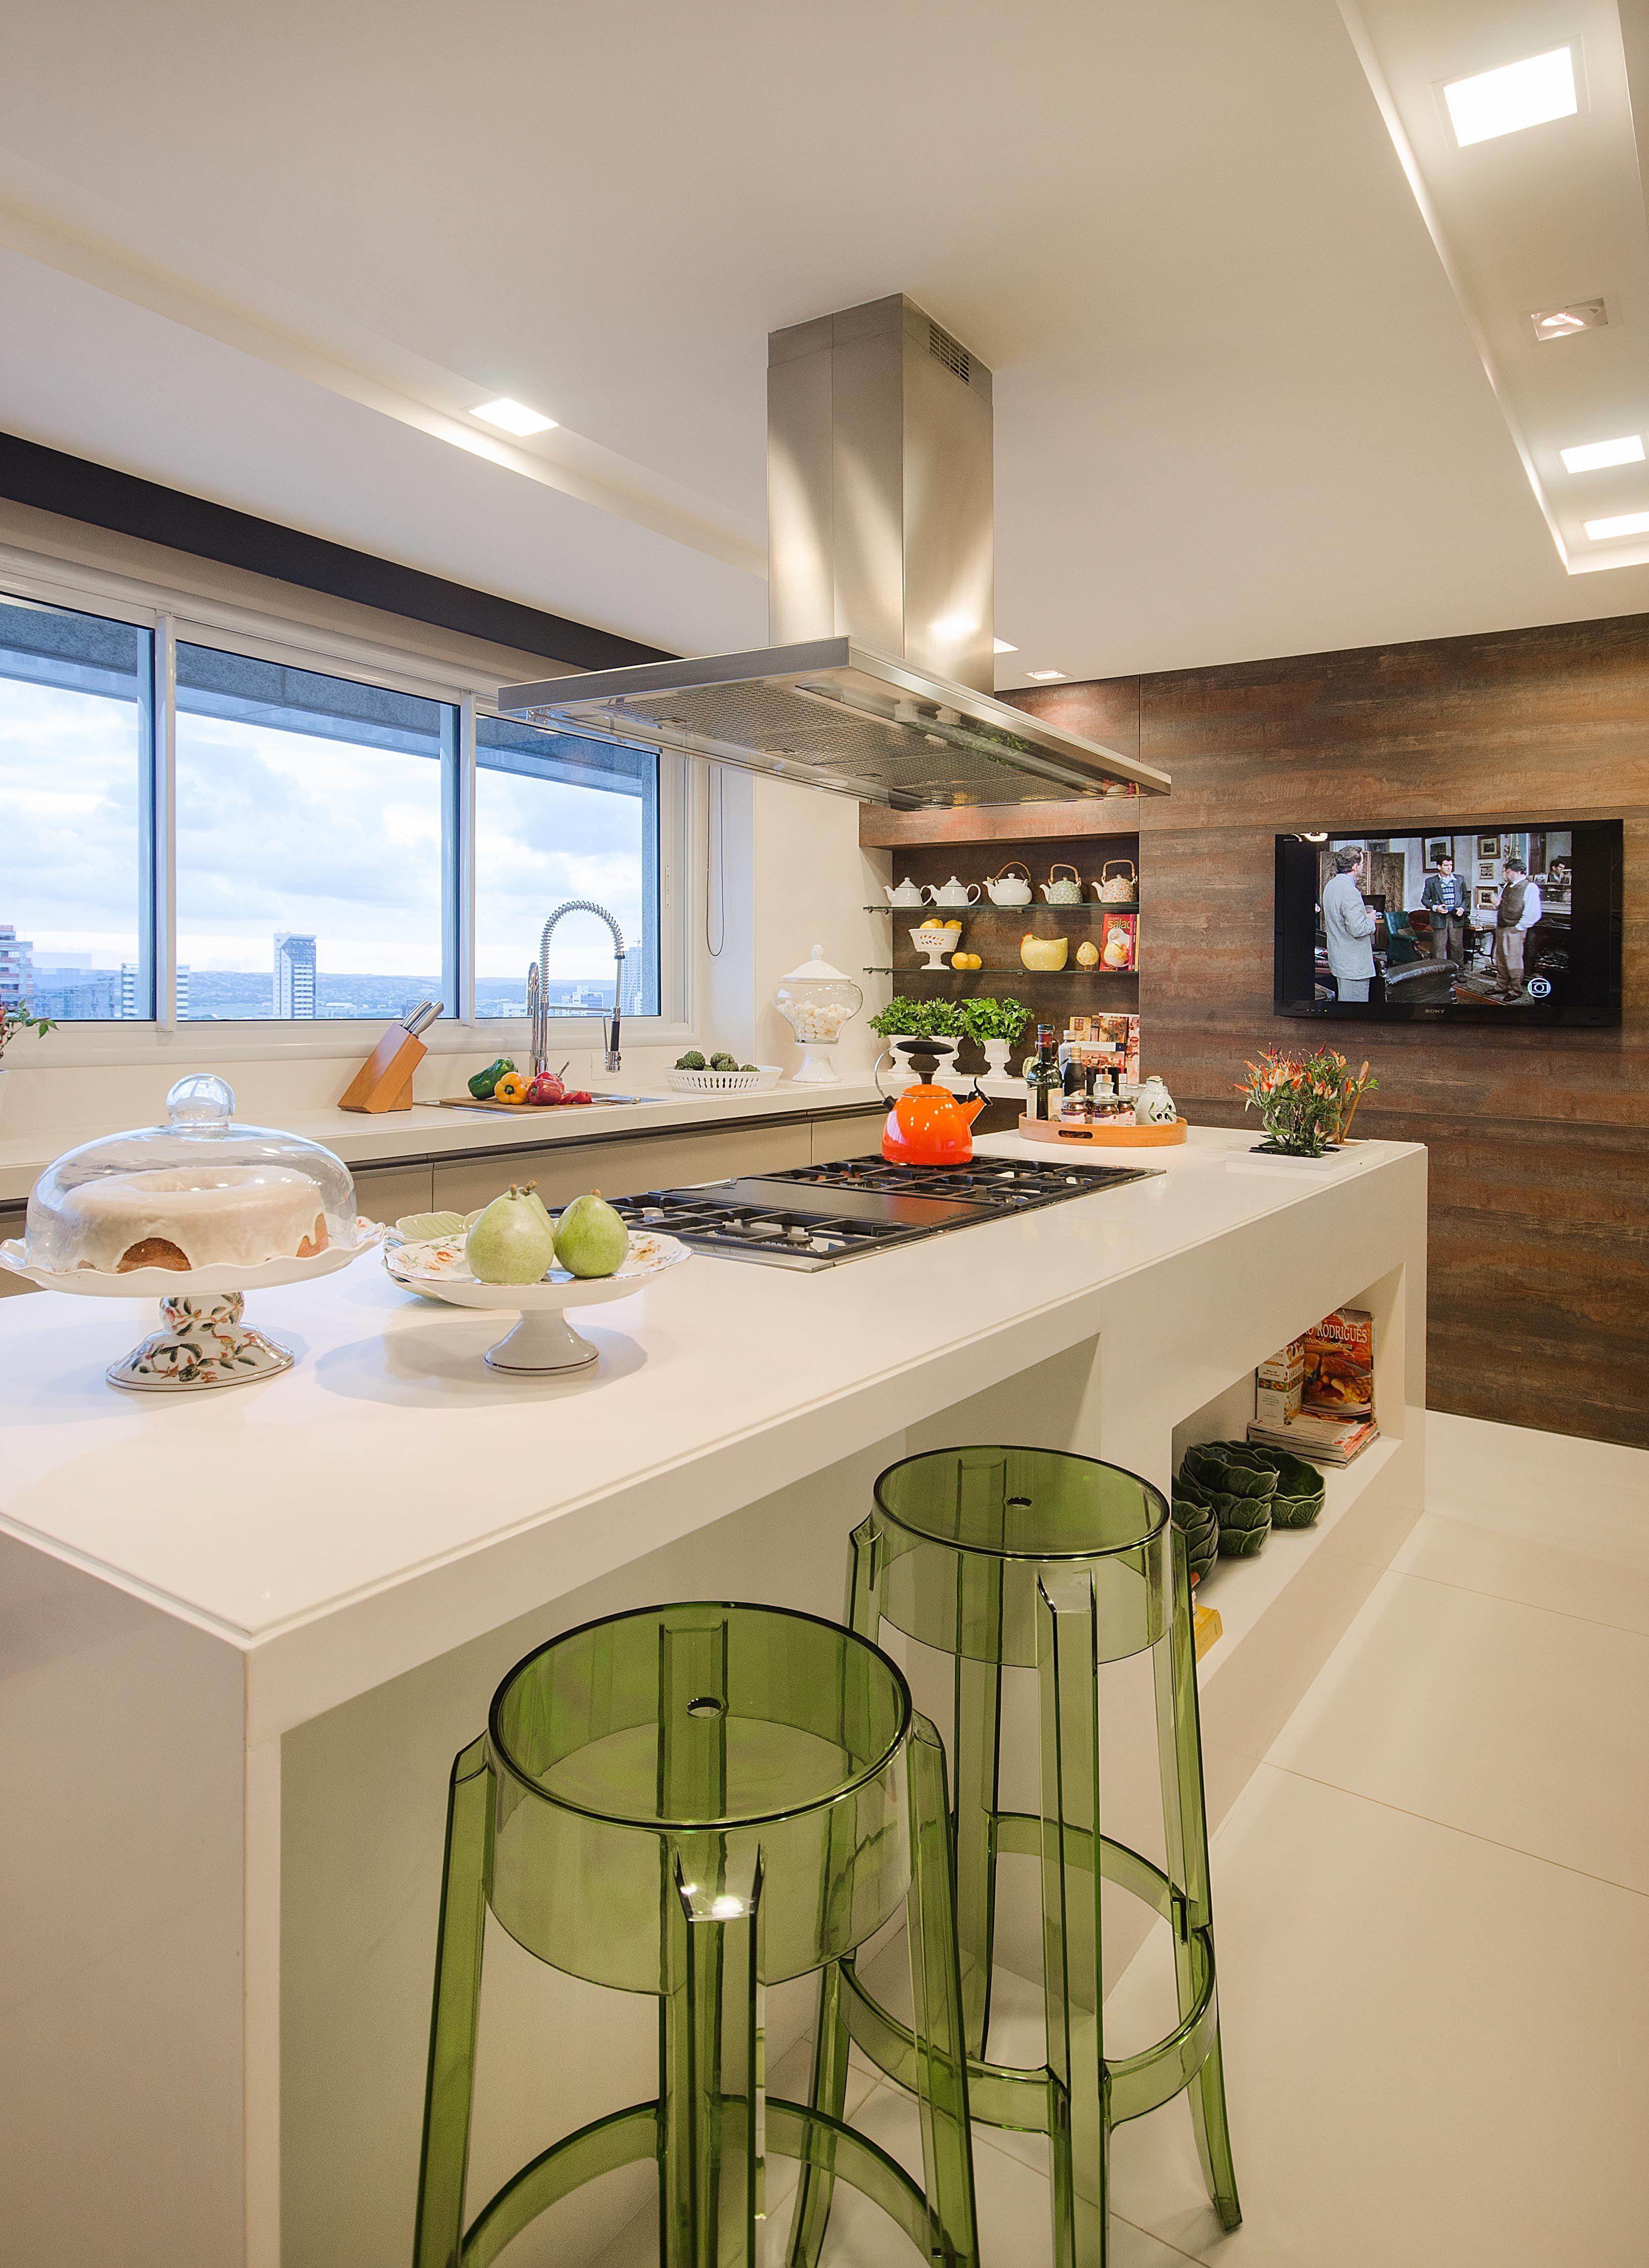 Cozinhas Com Ilha Cozinha Cozinha Moderna E Cozinha Planejada